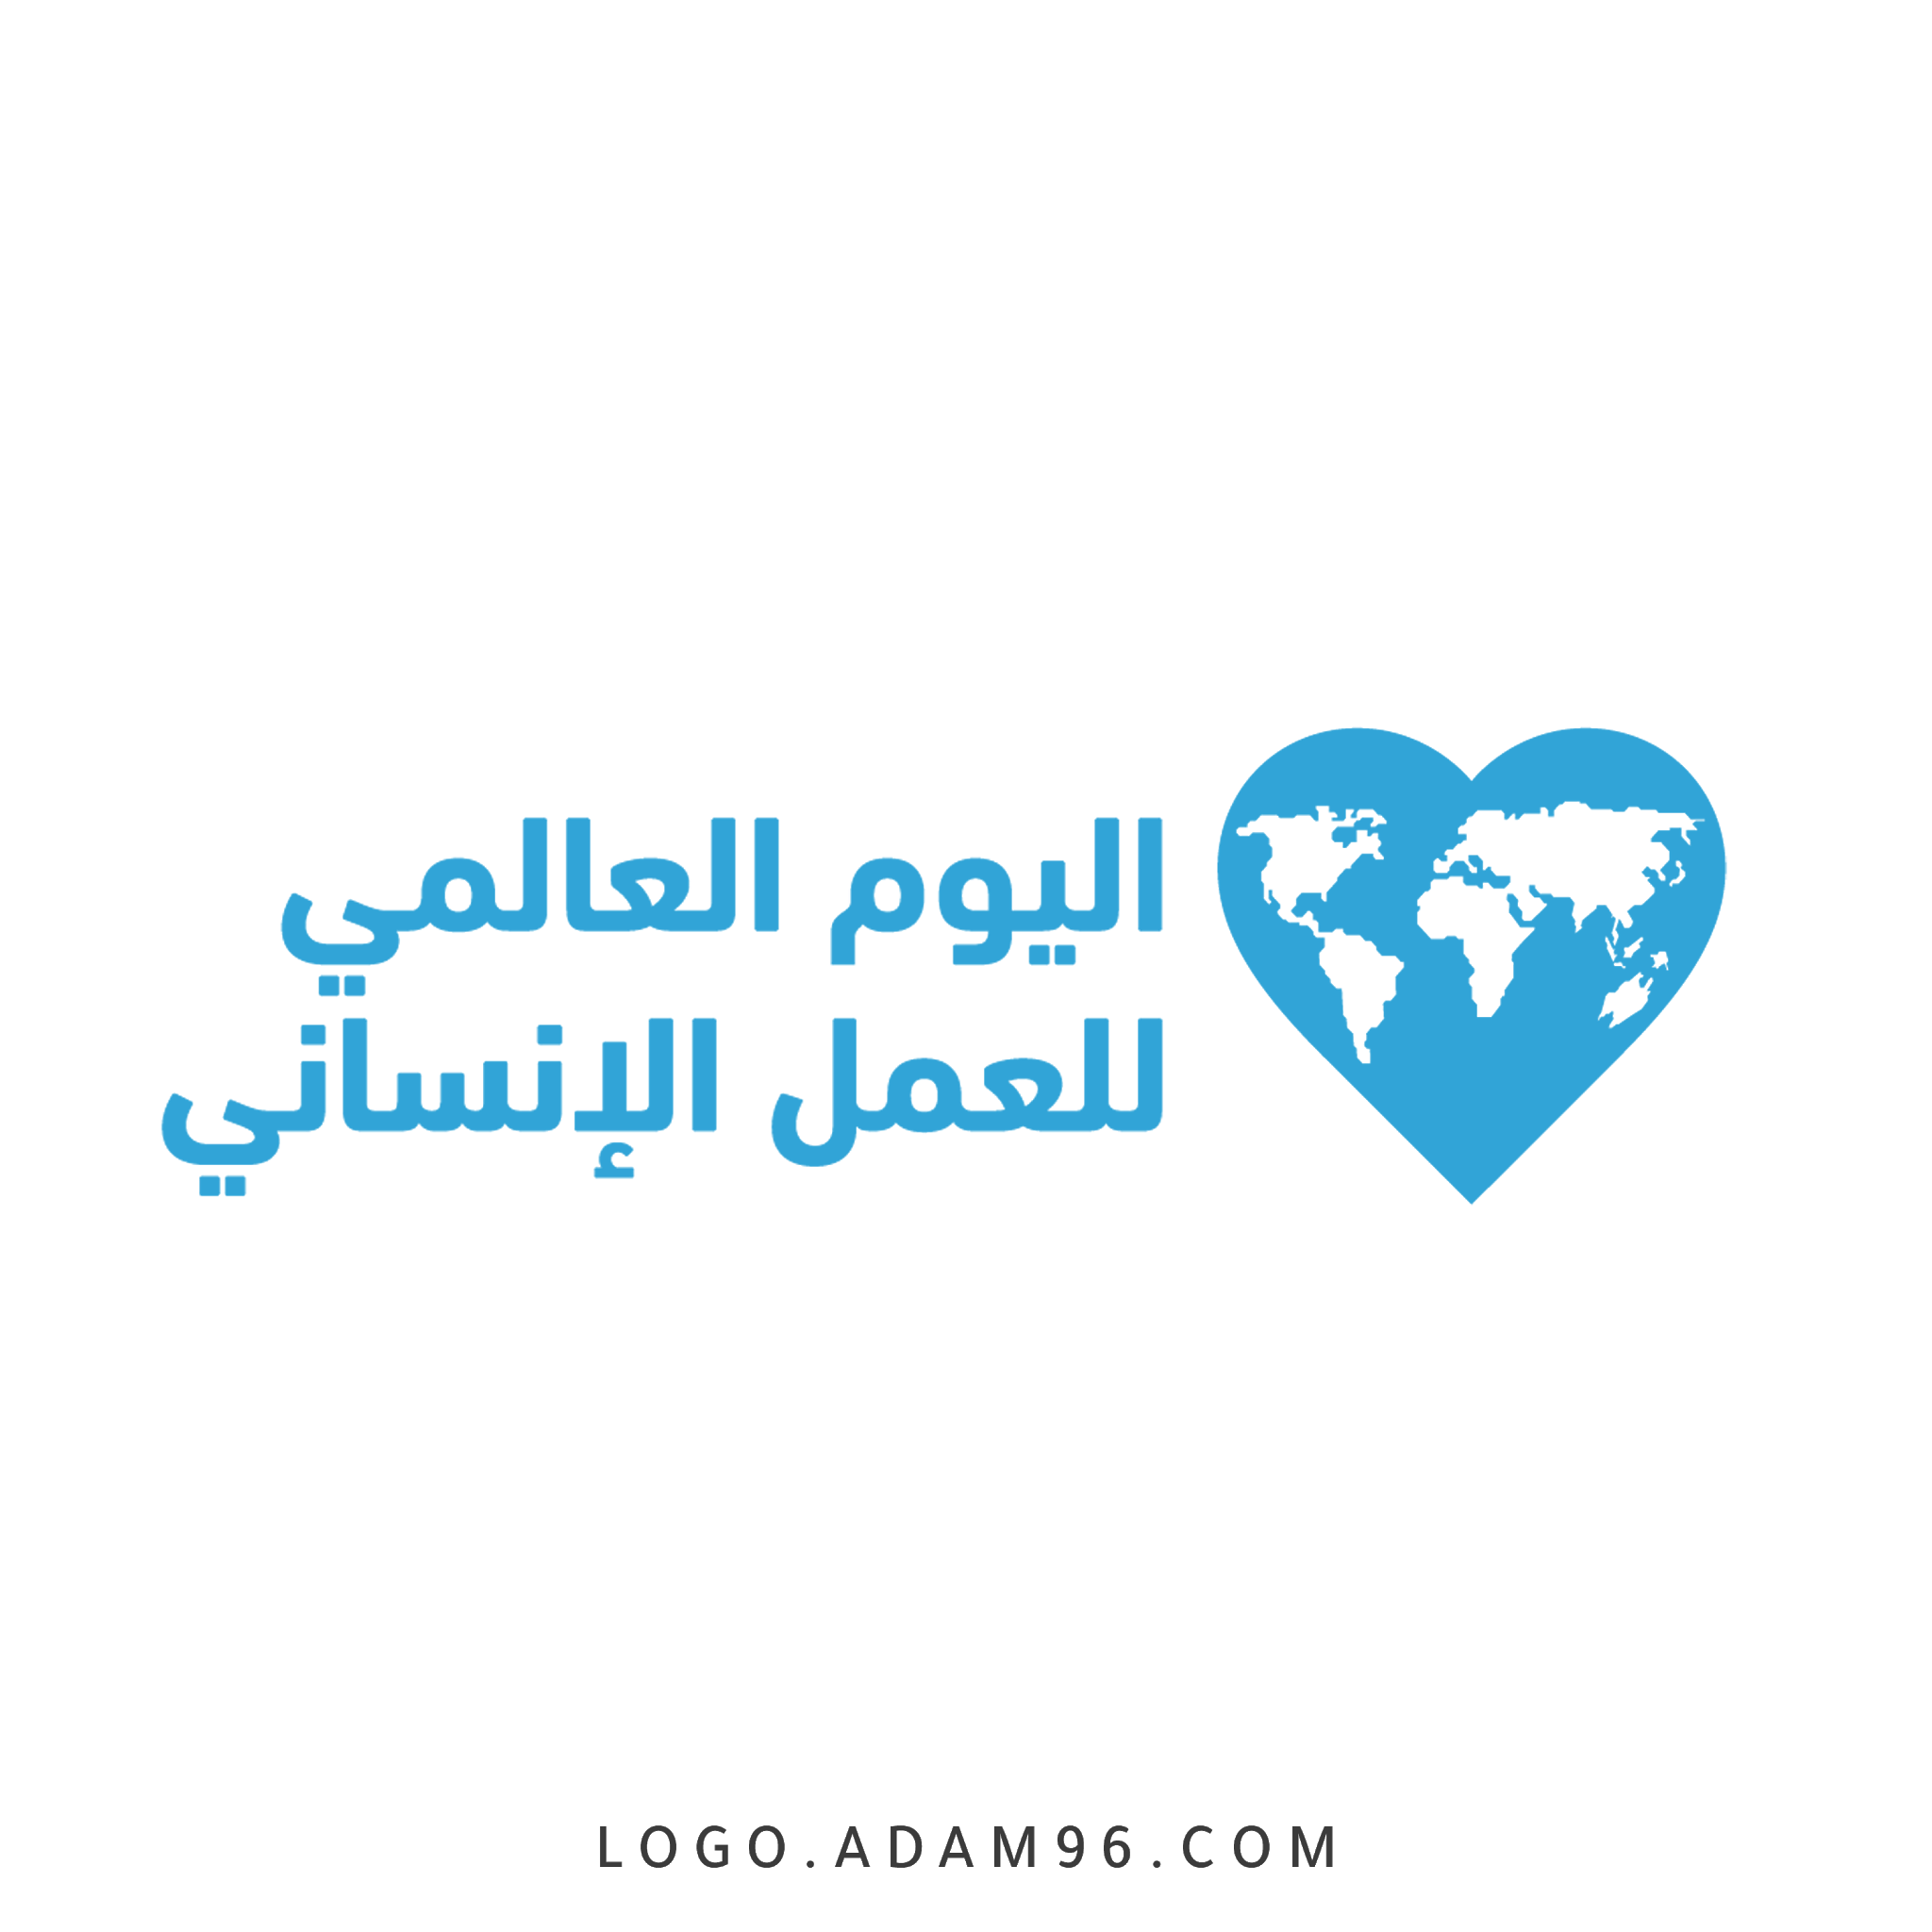 تحميل شعار اليوم العالمي للعمل الانساني الرسمي لوجو عالي الجودة بصيغة PNG